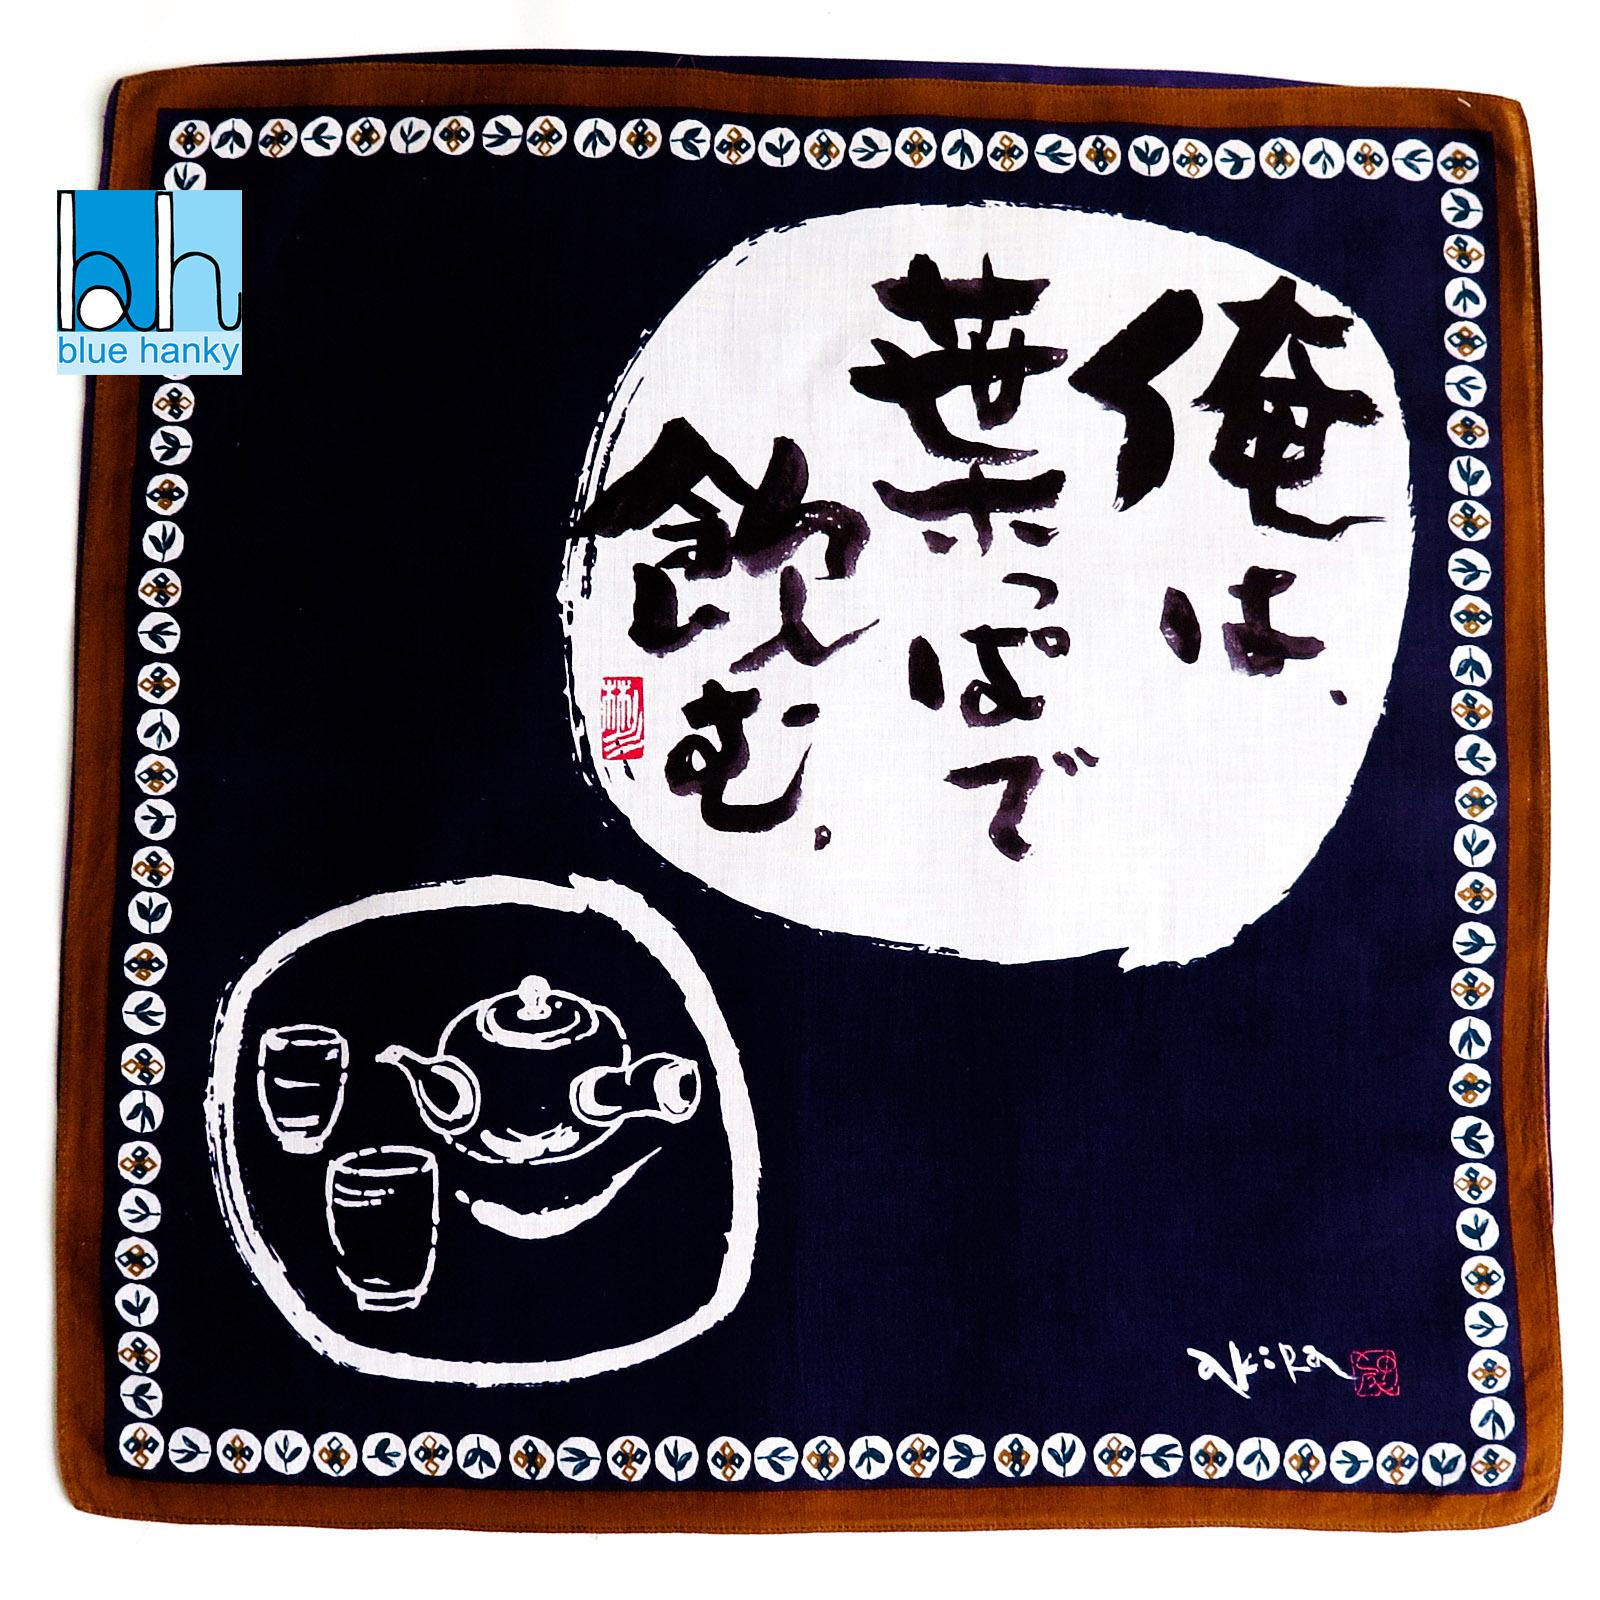 """#159 19"""" ญี่ปุ่น ผ้าเช็ดหน้ามือ2 สภาพดี ผ้าเช็ดหน้าผืนใหญ่"""